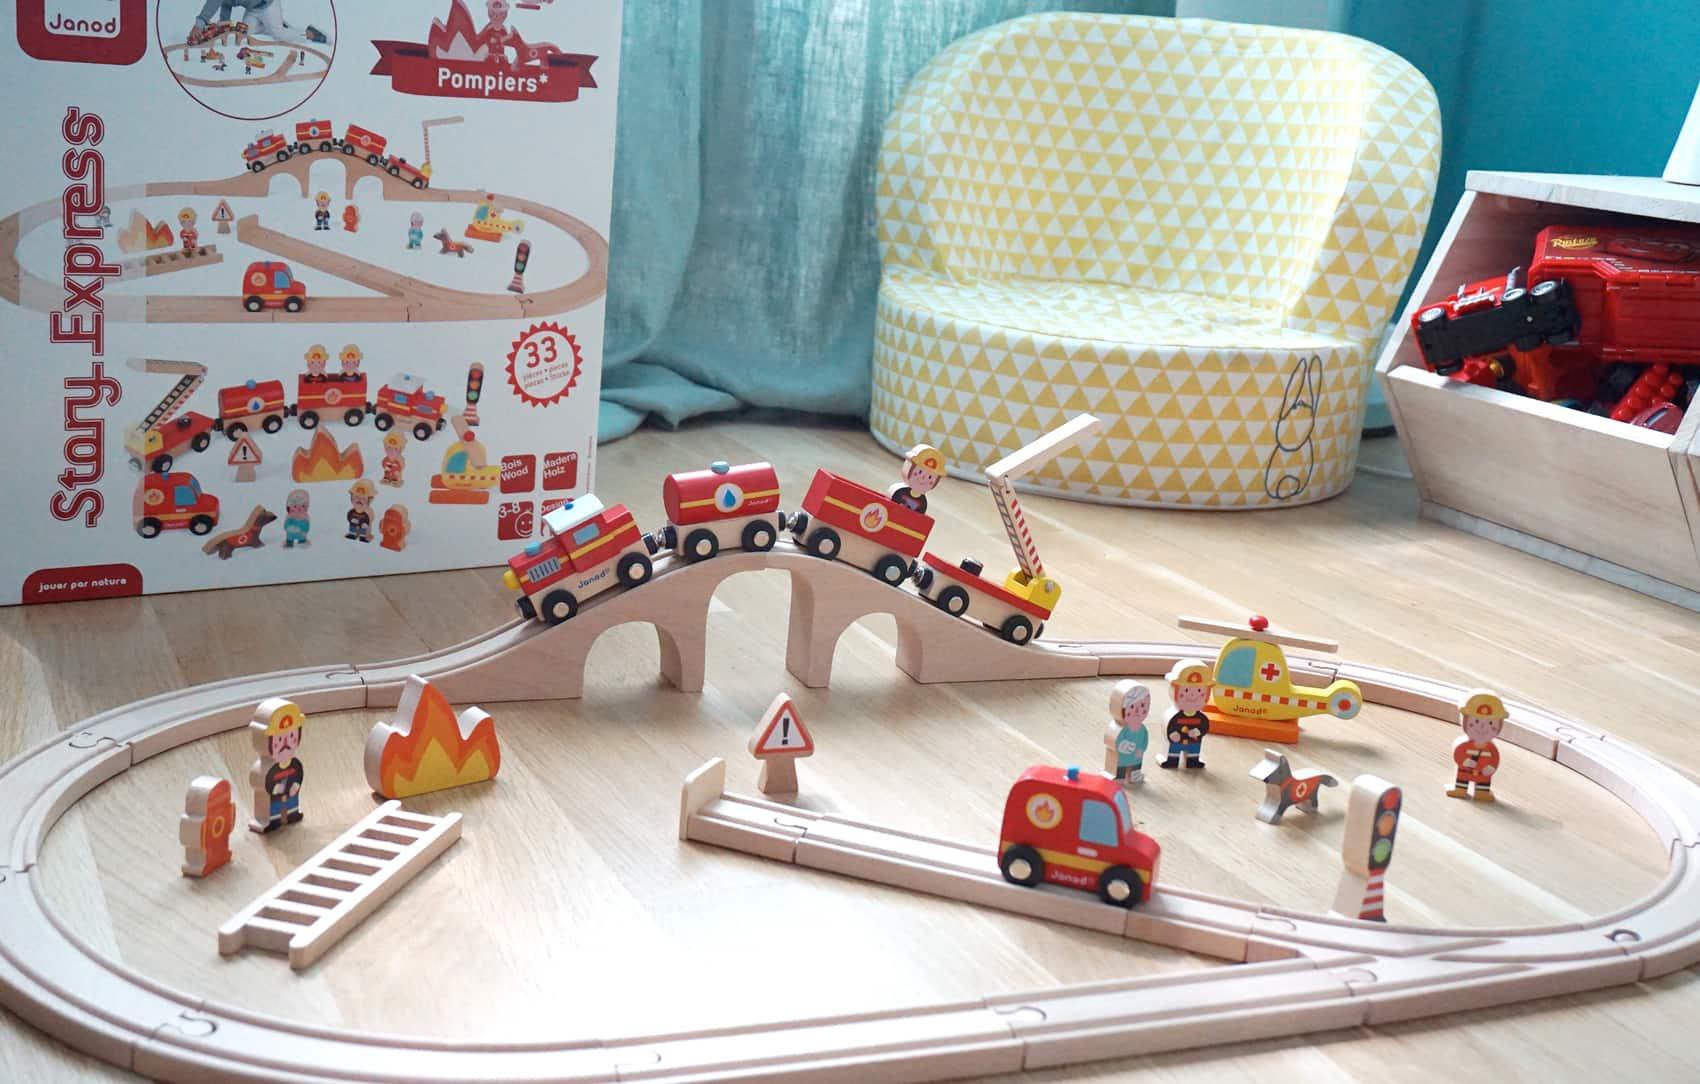 Le circuit de train en bois Janod pompiers - Jouet en bois